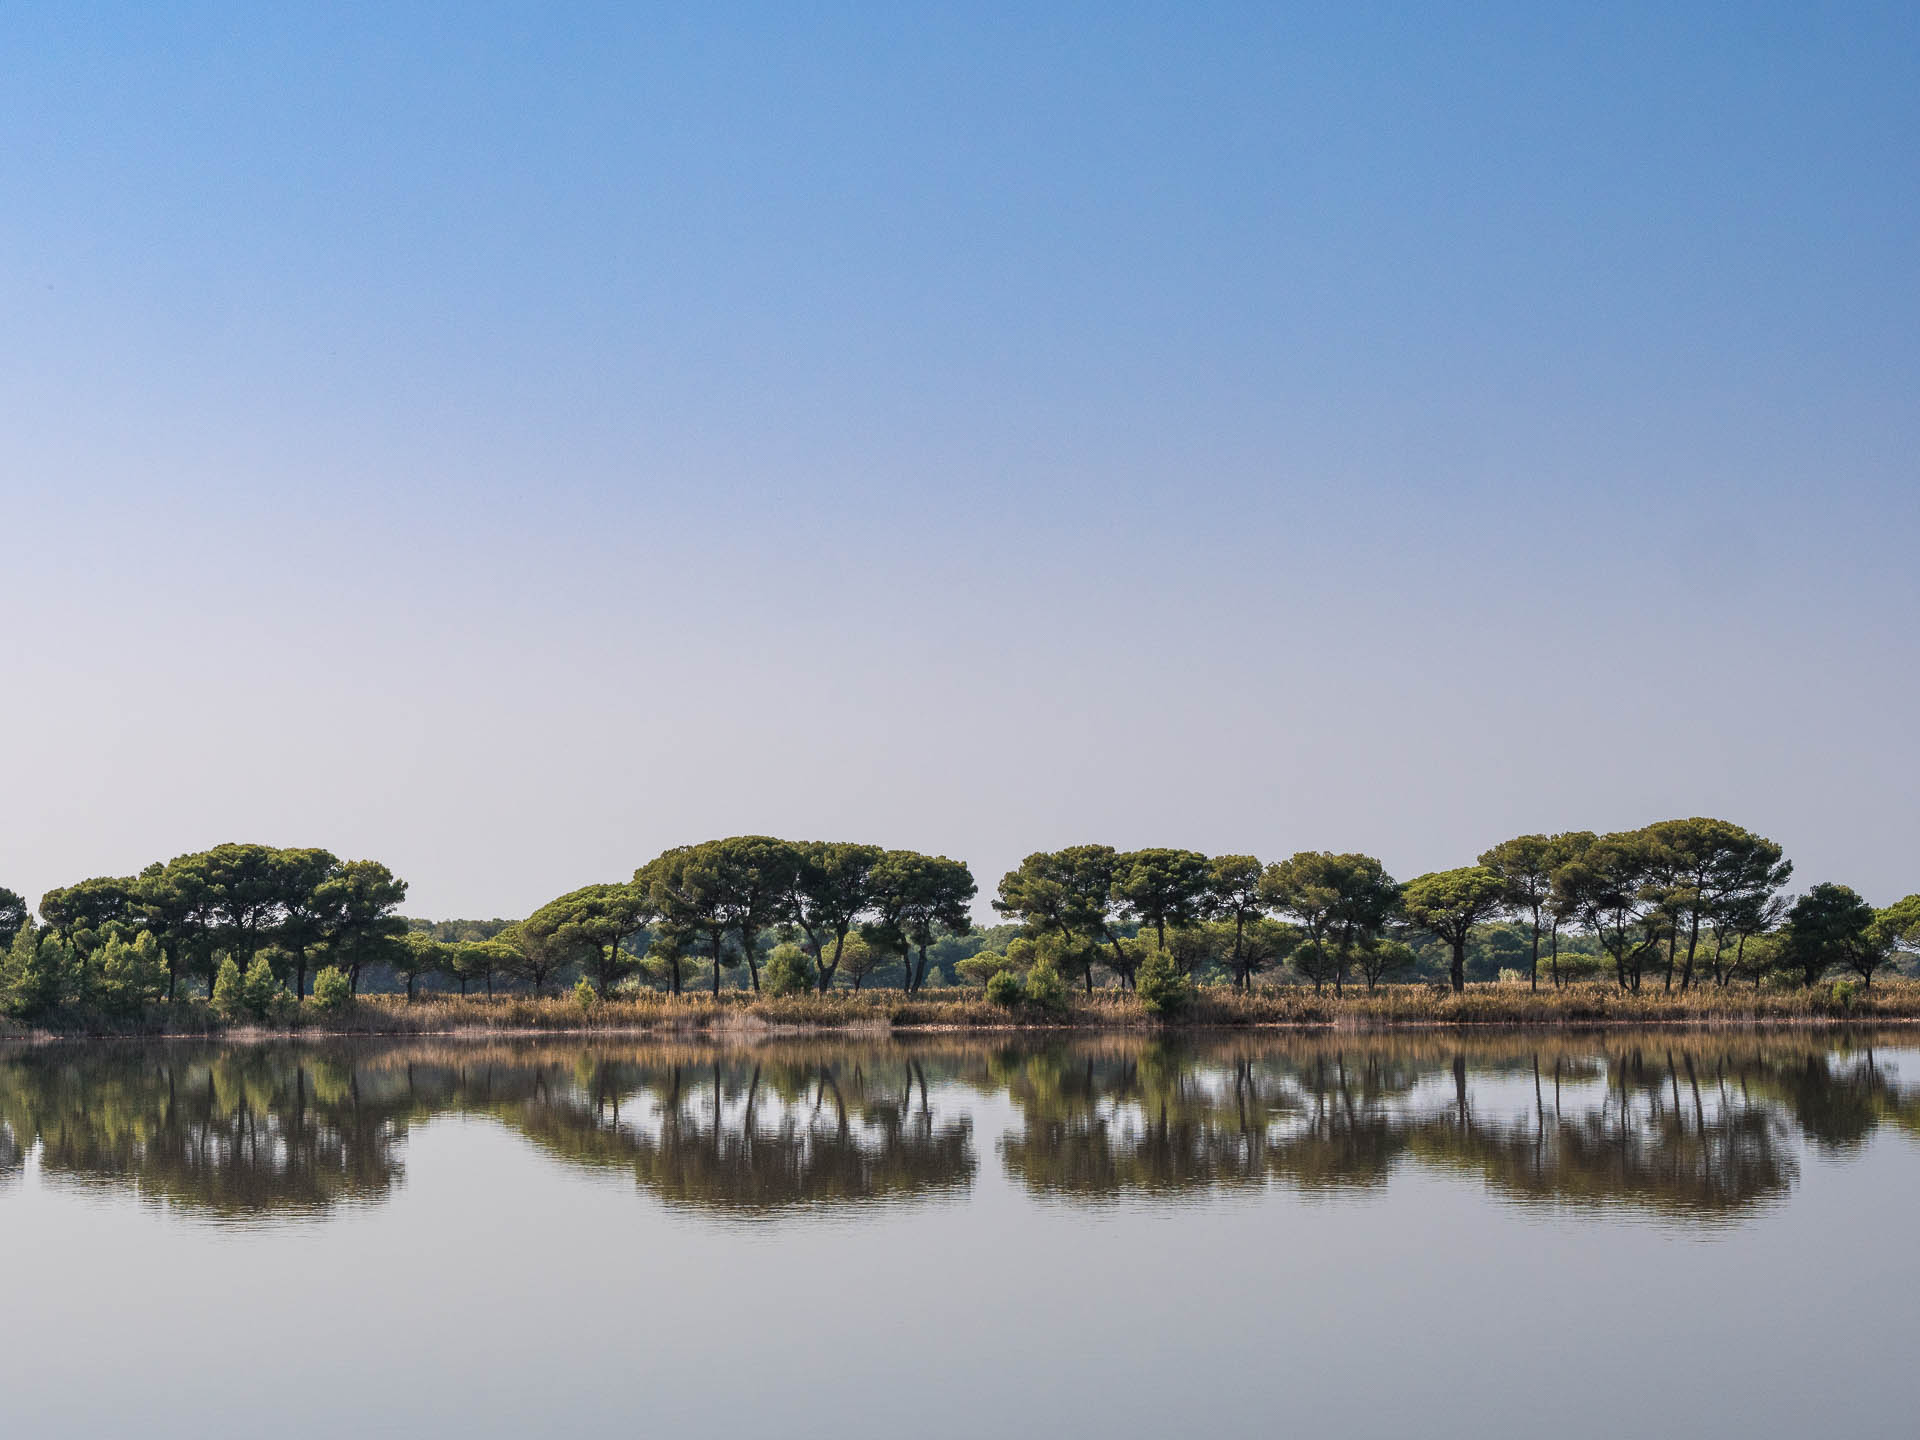 camargue arbres reflet